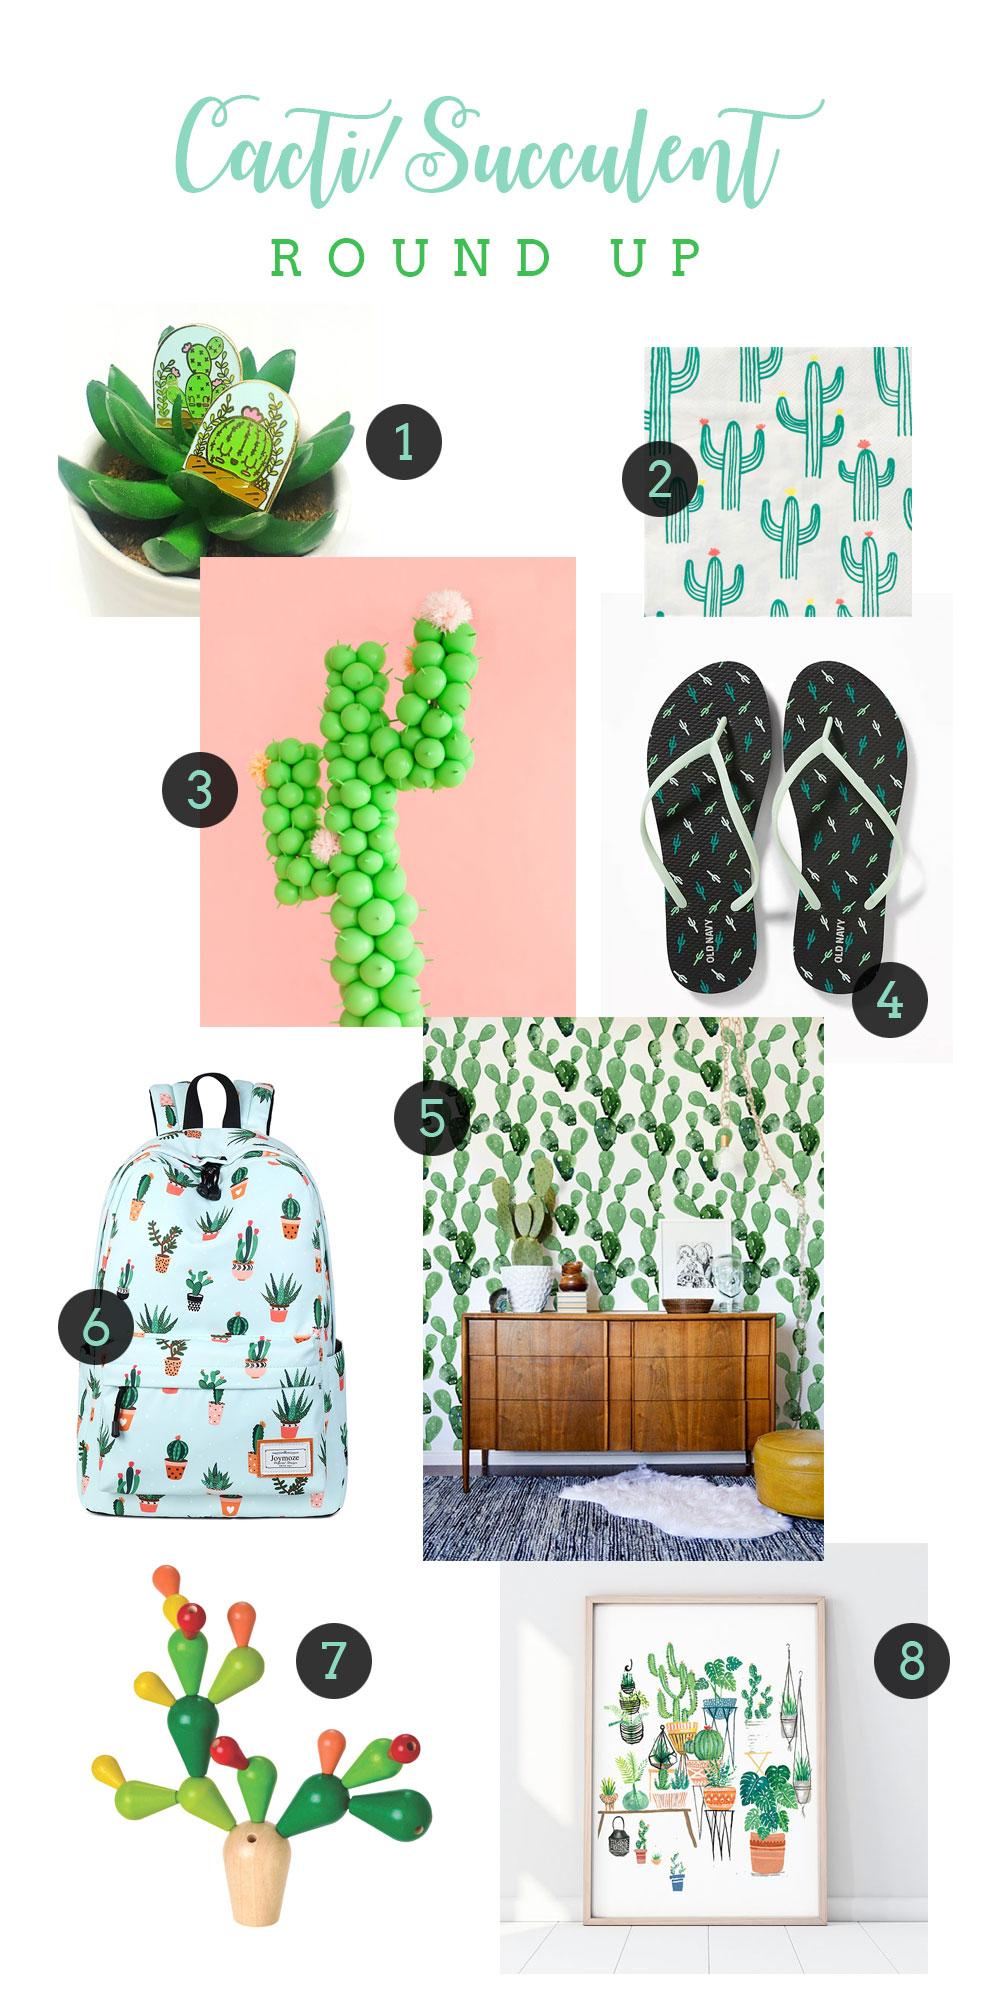 Cacti_Roundup